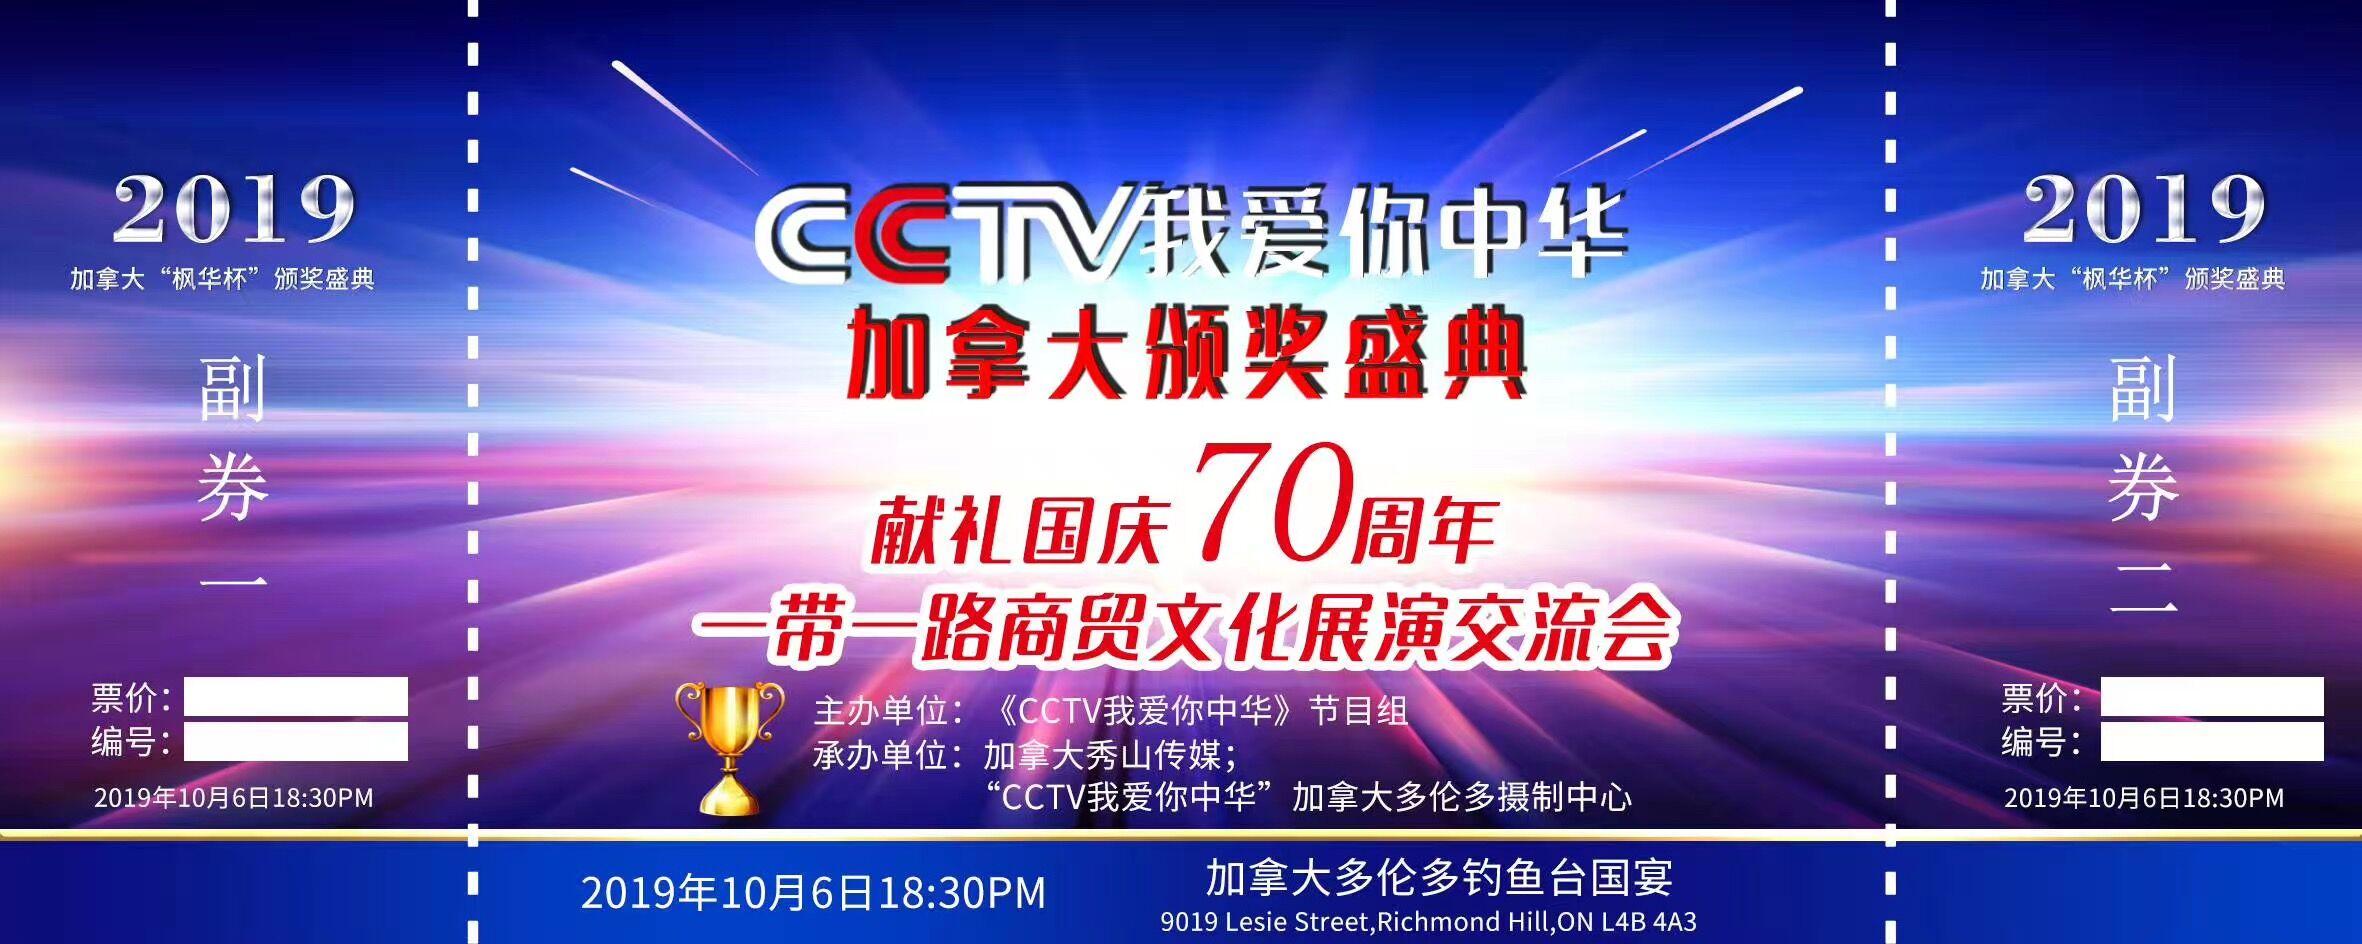 丝路之约北京文化传媒有限公司将在加拿大举办CCTV我爱你中华演唱会